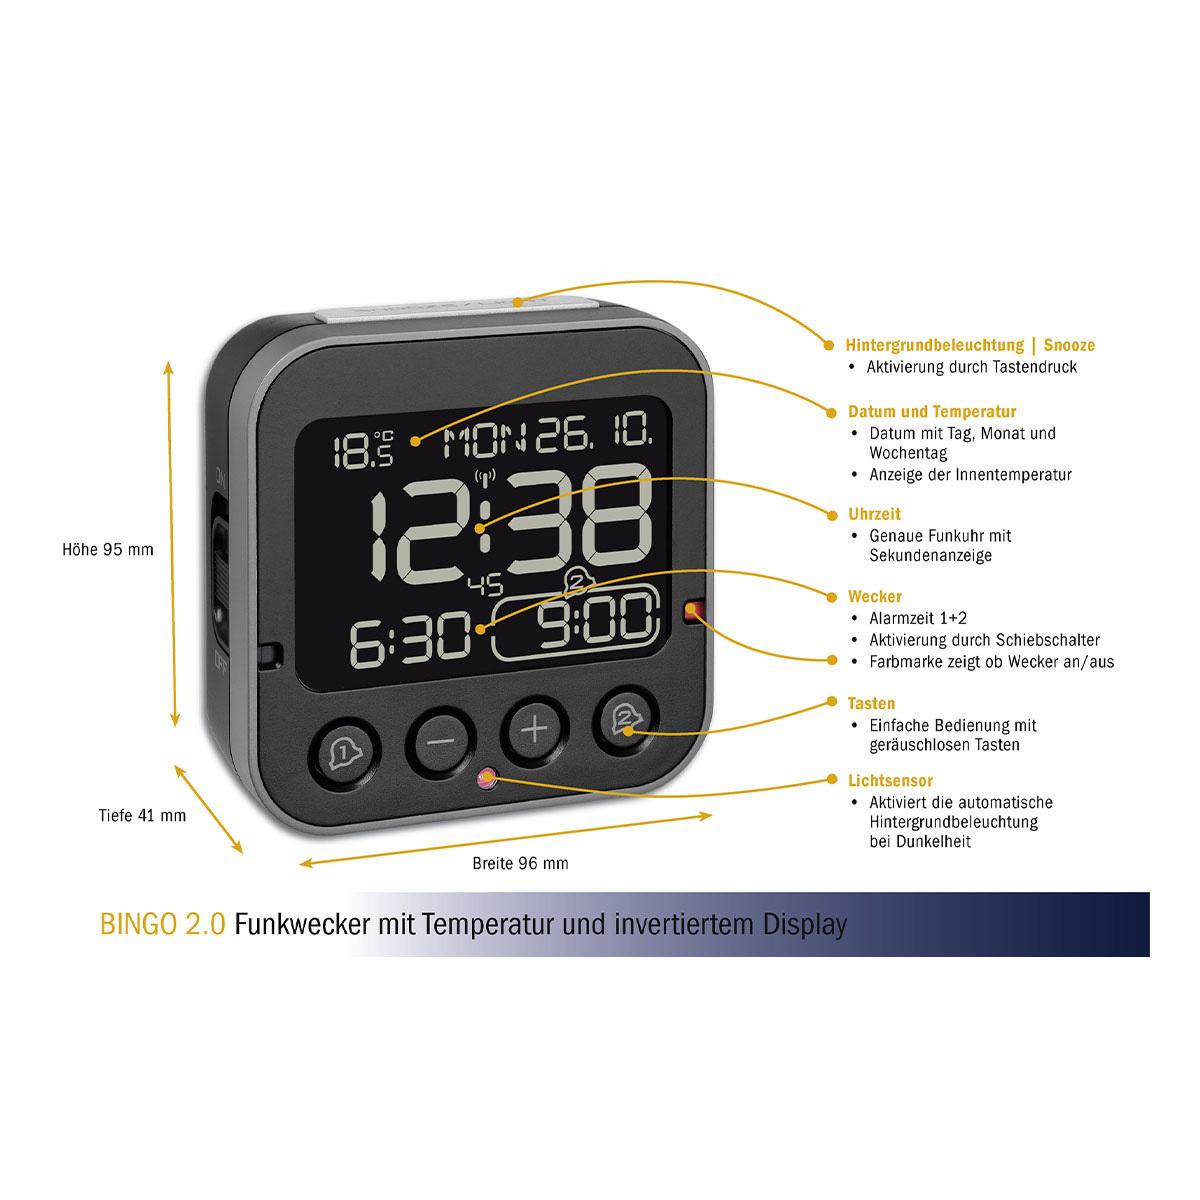 60-2552-01-digitaler-funk-wecker-mit-temperatur-bingo-2-0-abmessungen-1200x1200px.jpg